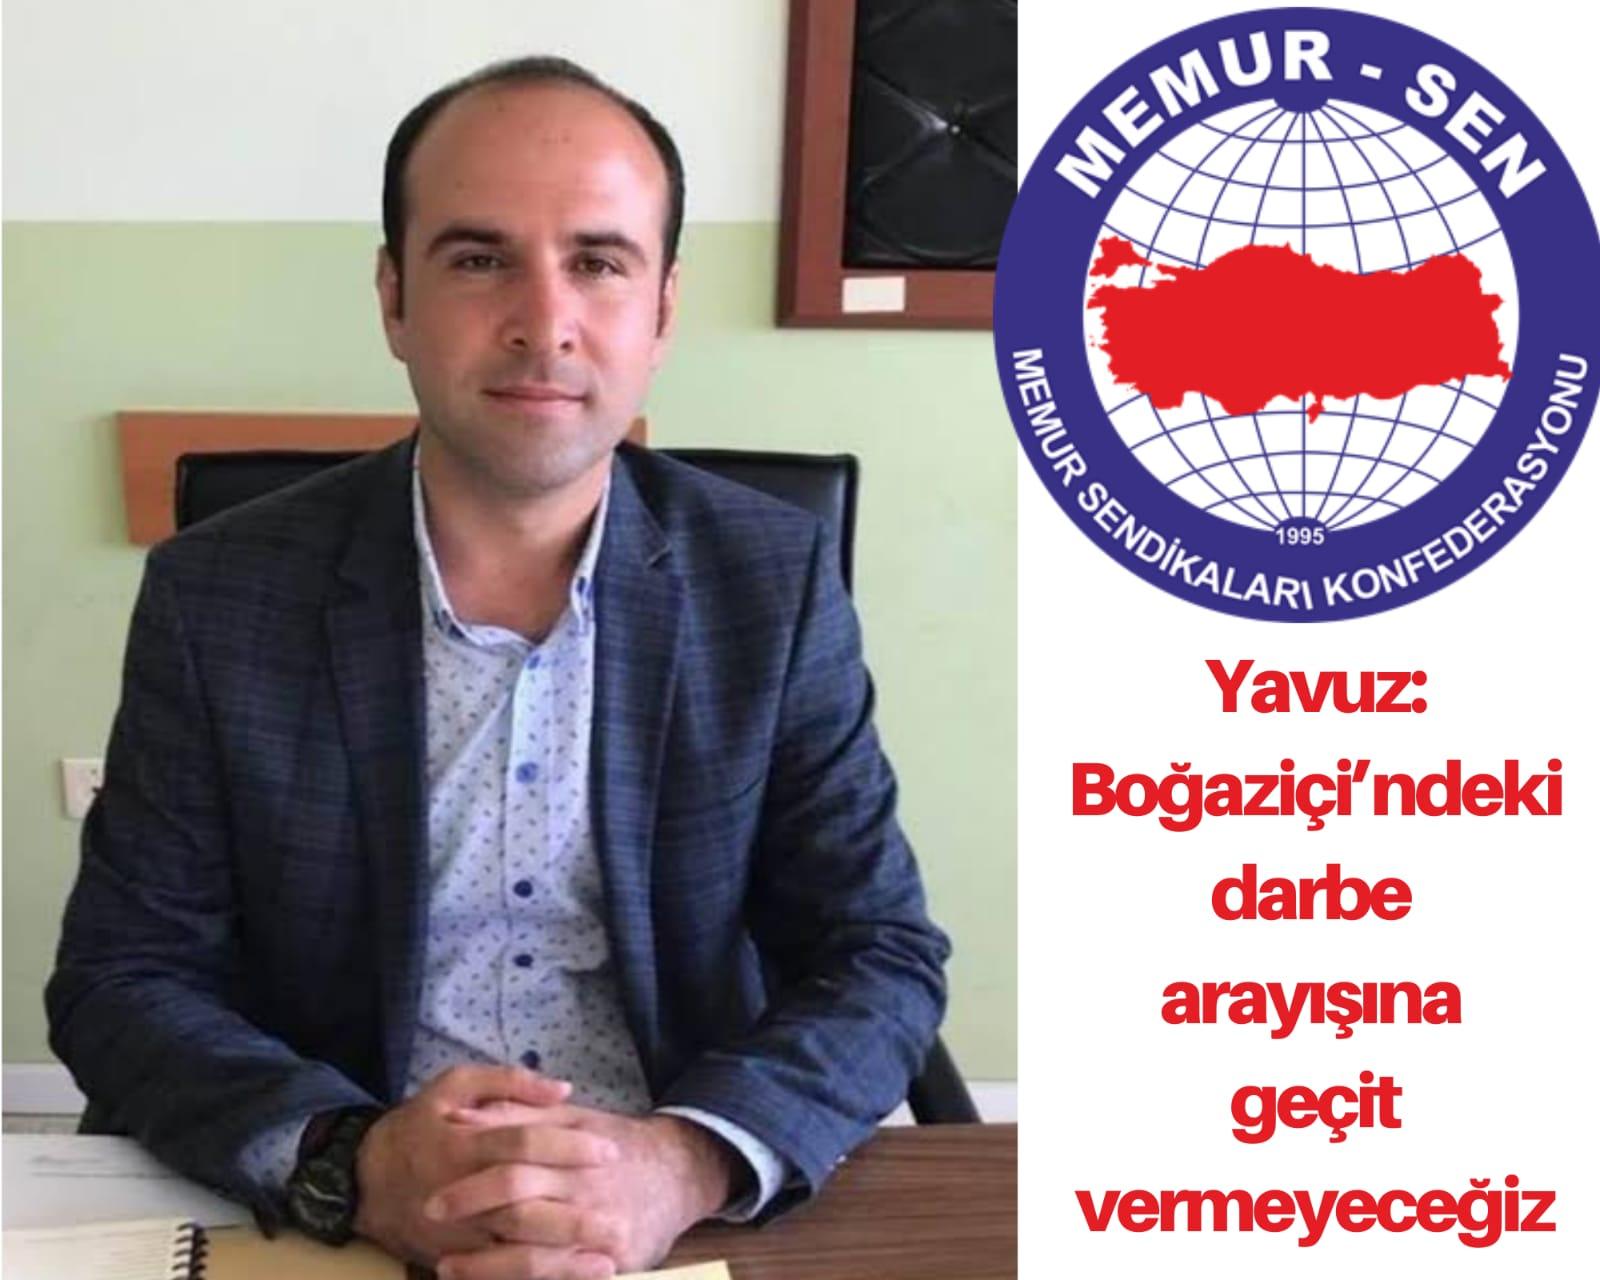 Memur-Sen Kırşehir Şube Başkanı Yavuz: Boğaziçi'ndeki darbe arayışına geçit vermeyeceğiz